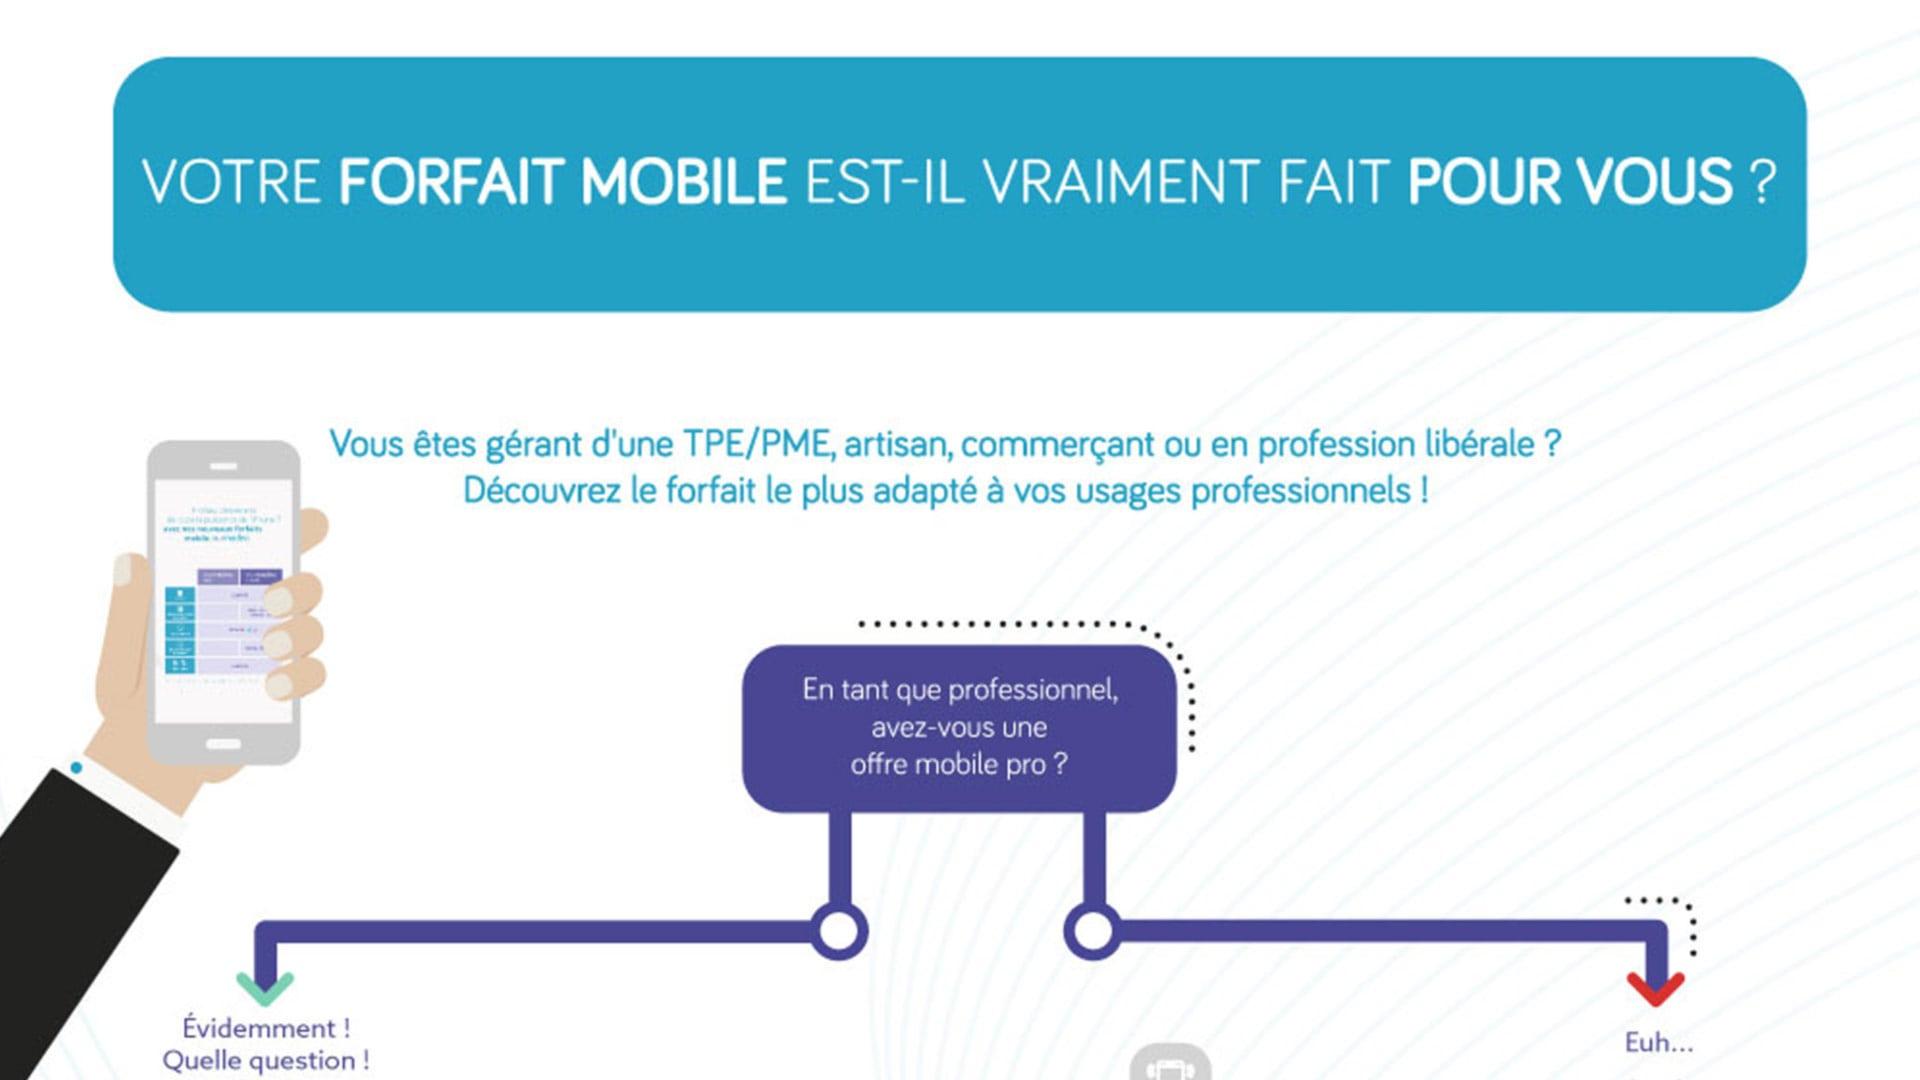 forfait-pro-choisir-paritel-nomadeo-mobile